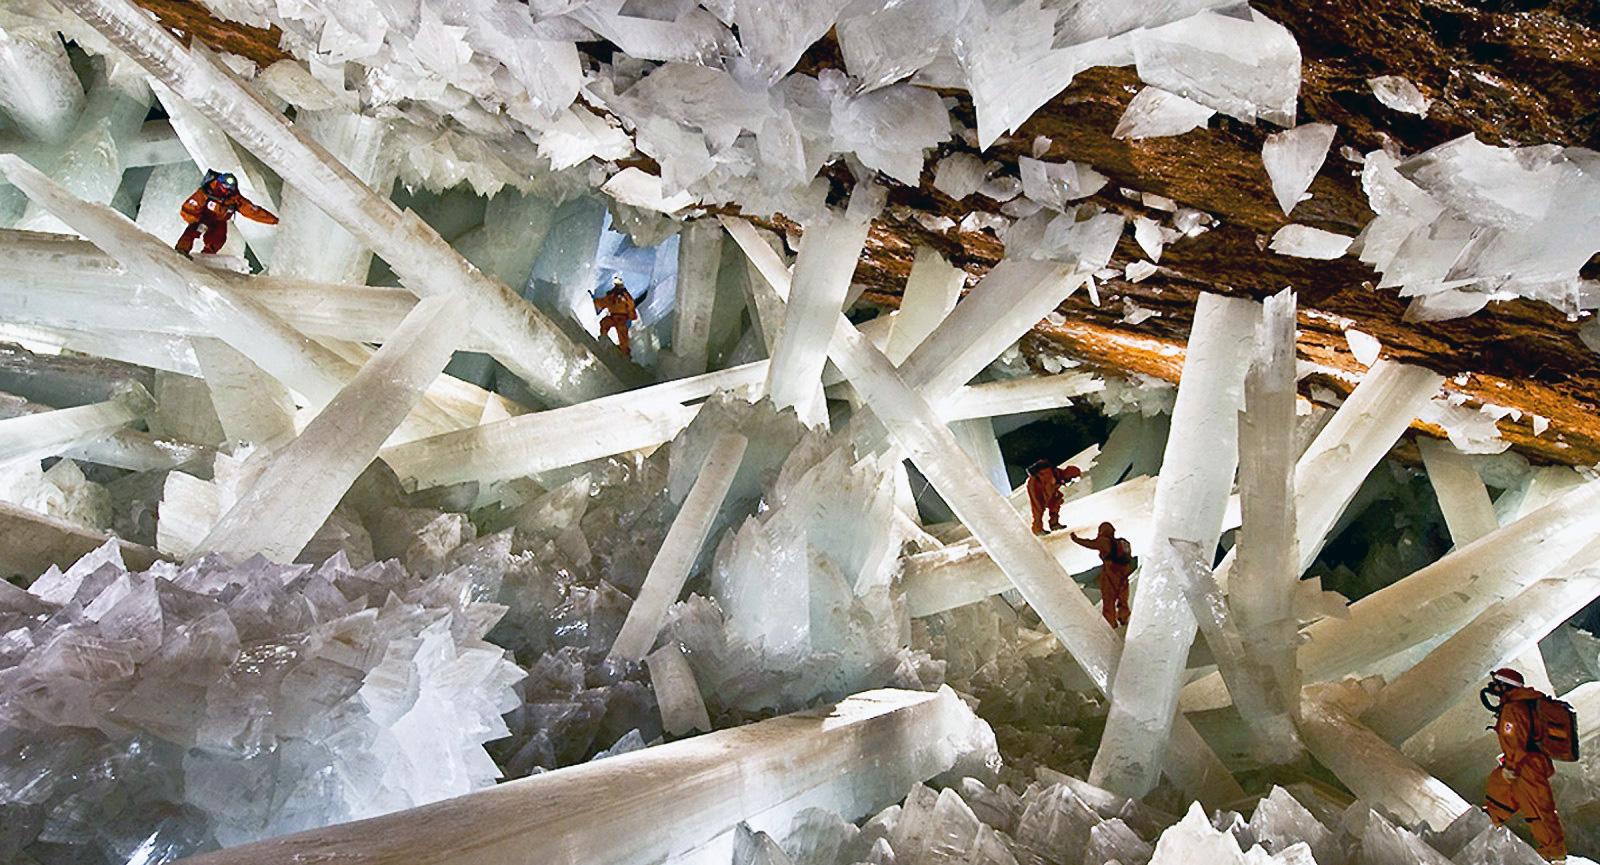 Naica Crystal Caves - Chihuahua México